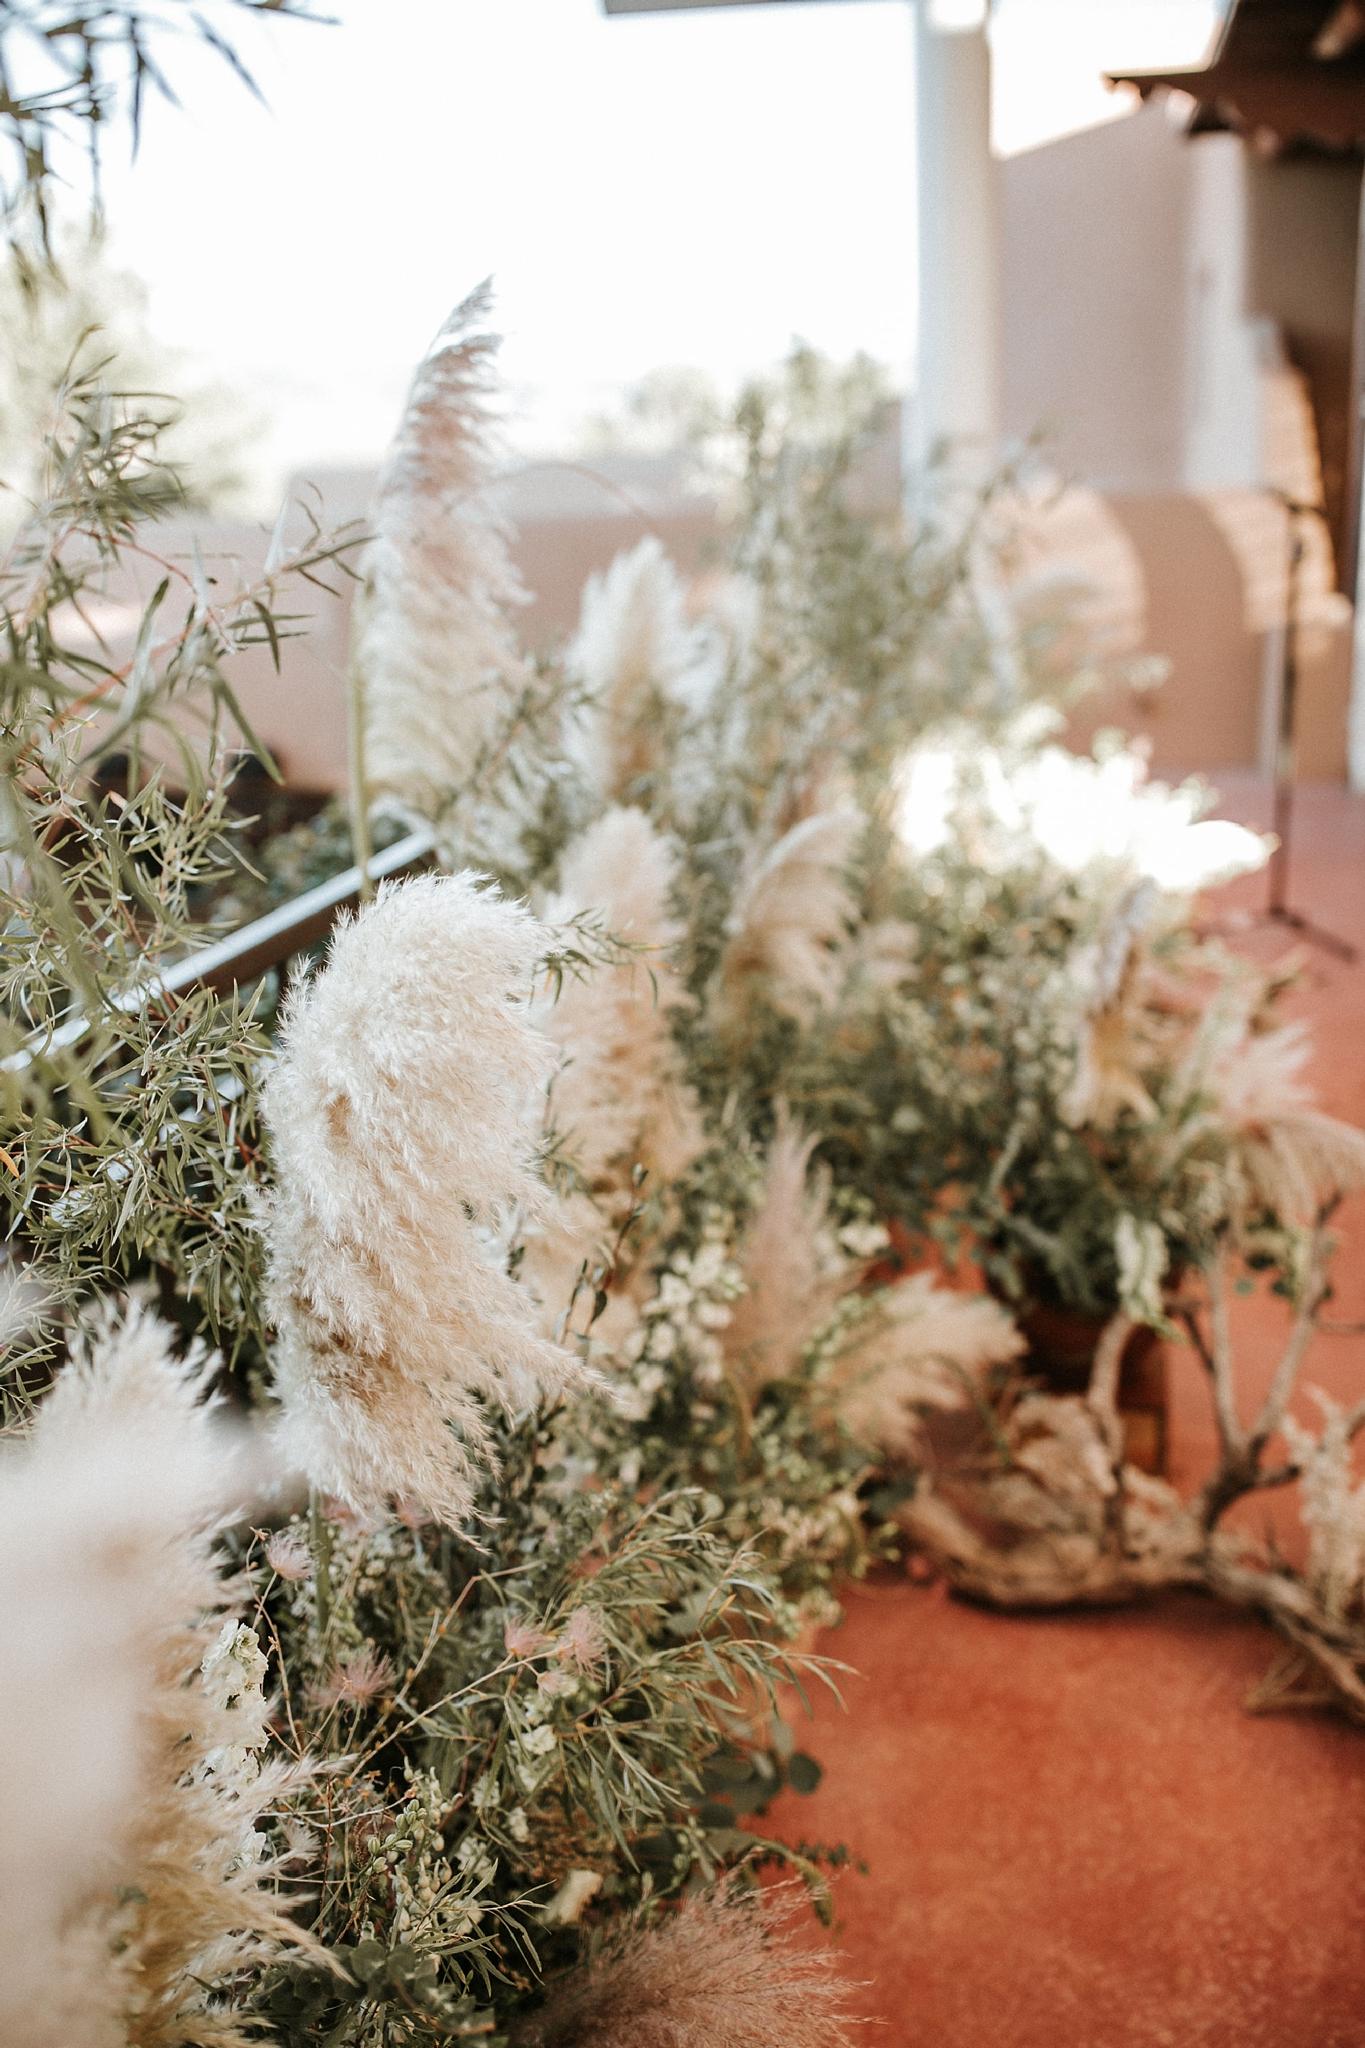 Alicia+lucia+photography+-+albuquerque+wedding+photographer+-+santa+fe+wedding+photography+-+new+mexico+wedding+photographer+-+wedding+ceremony+-+wedding+alter+-+floral+alter_0053.jpg